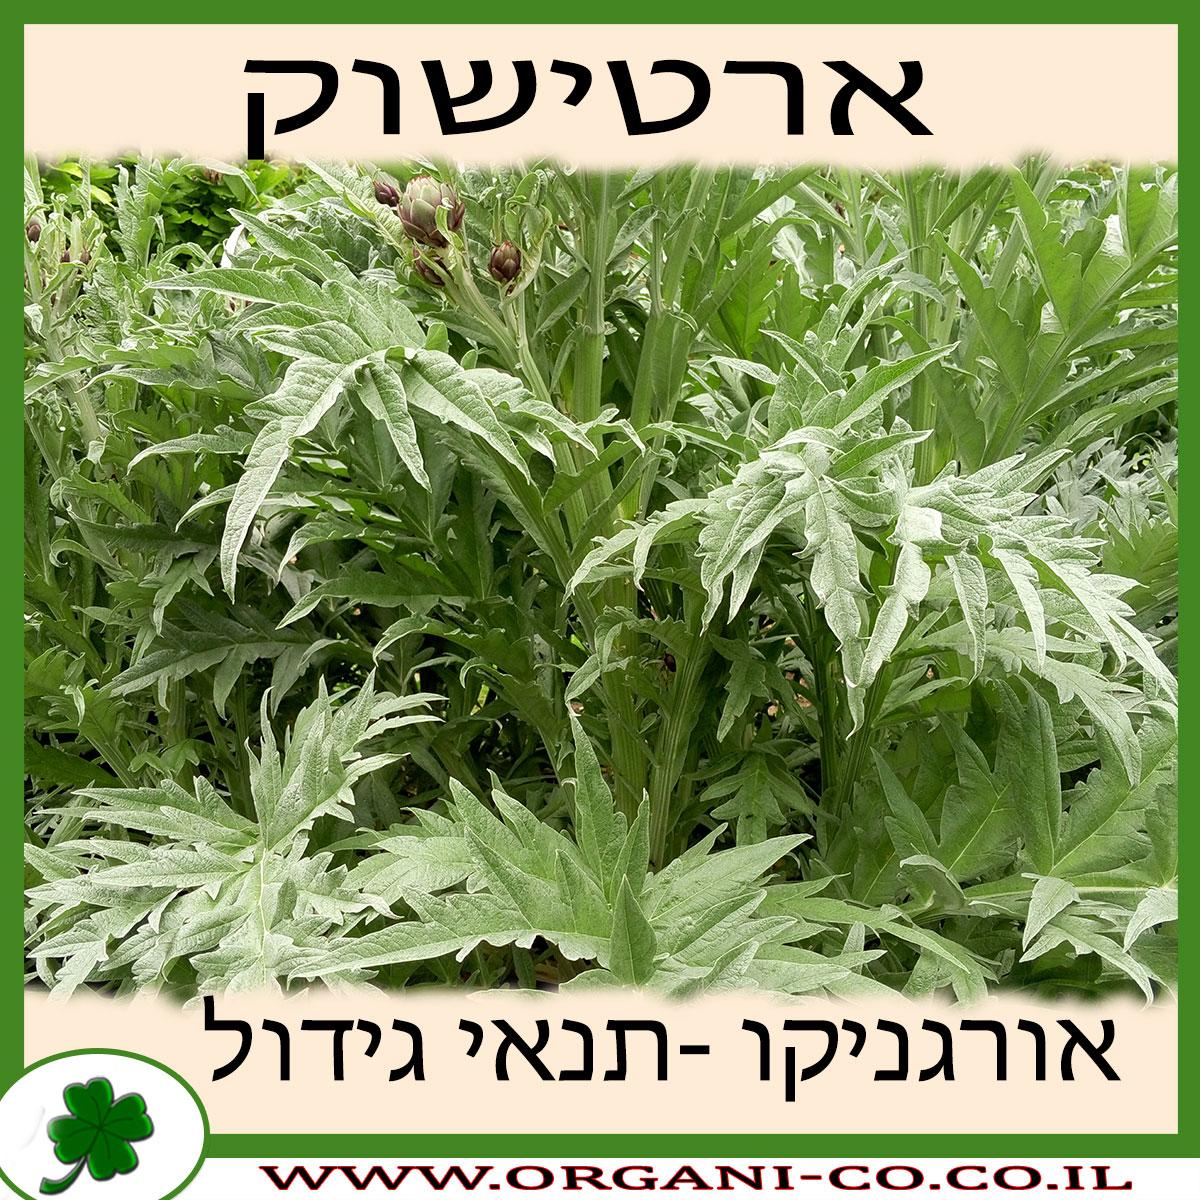 ארטישוק גידול צמח